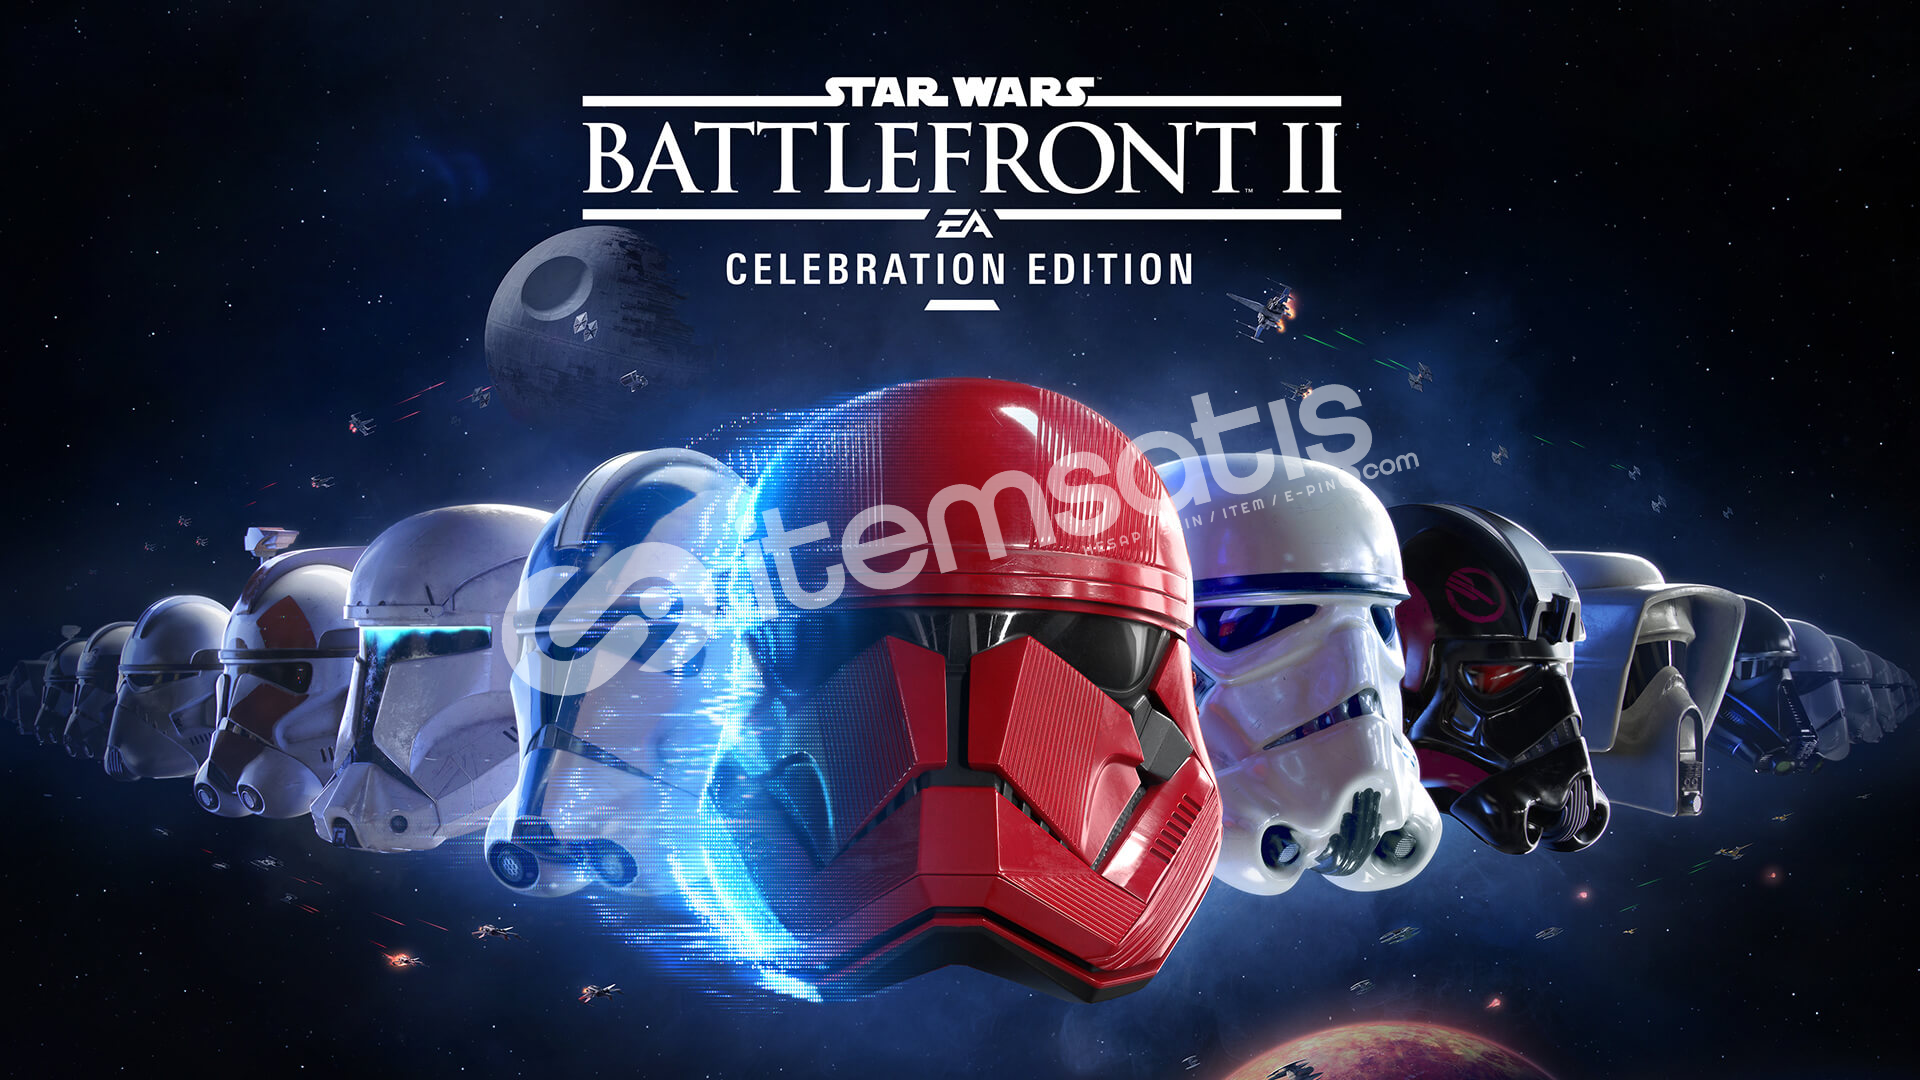 STAR WARS Battlefront II +Bilgileri Değişir